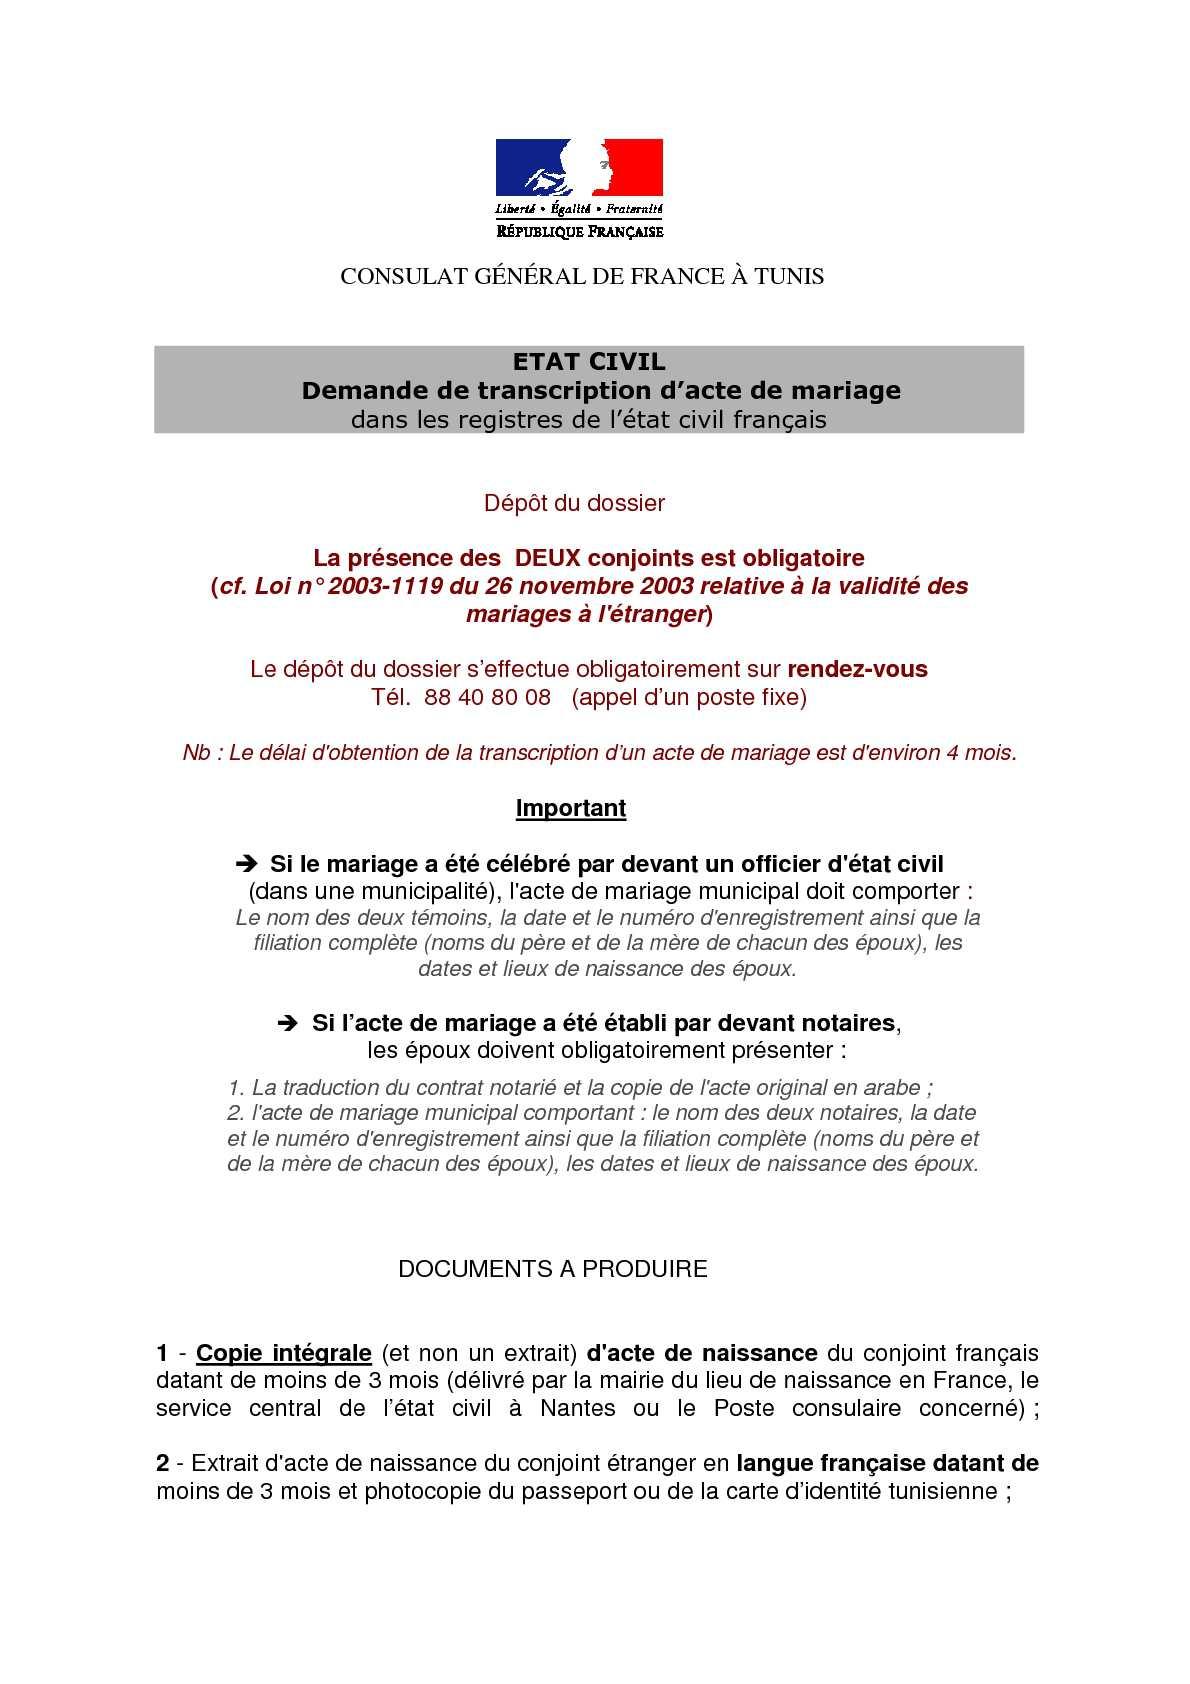 TN lois datant de l'État